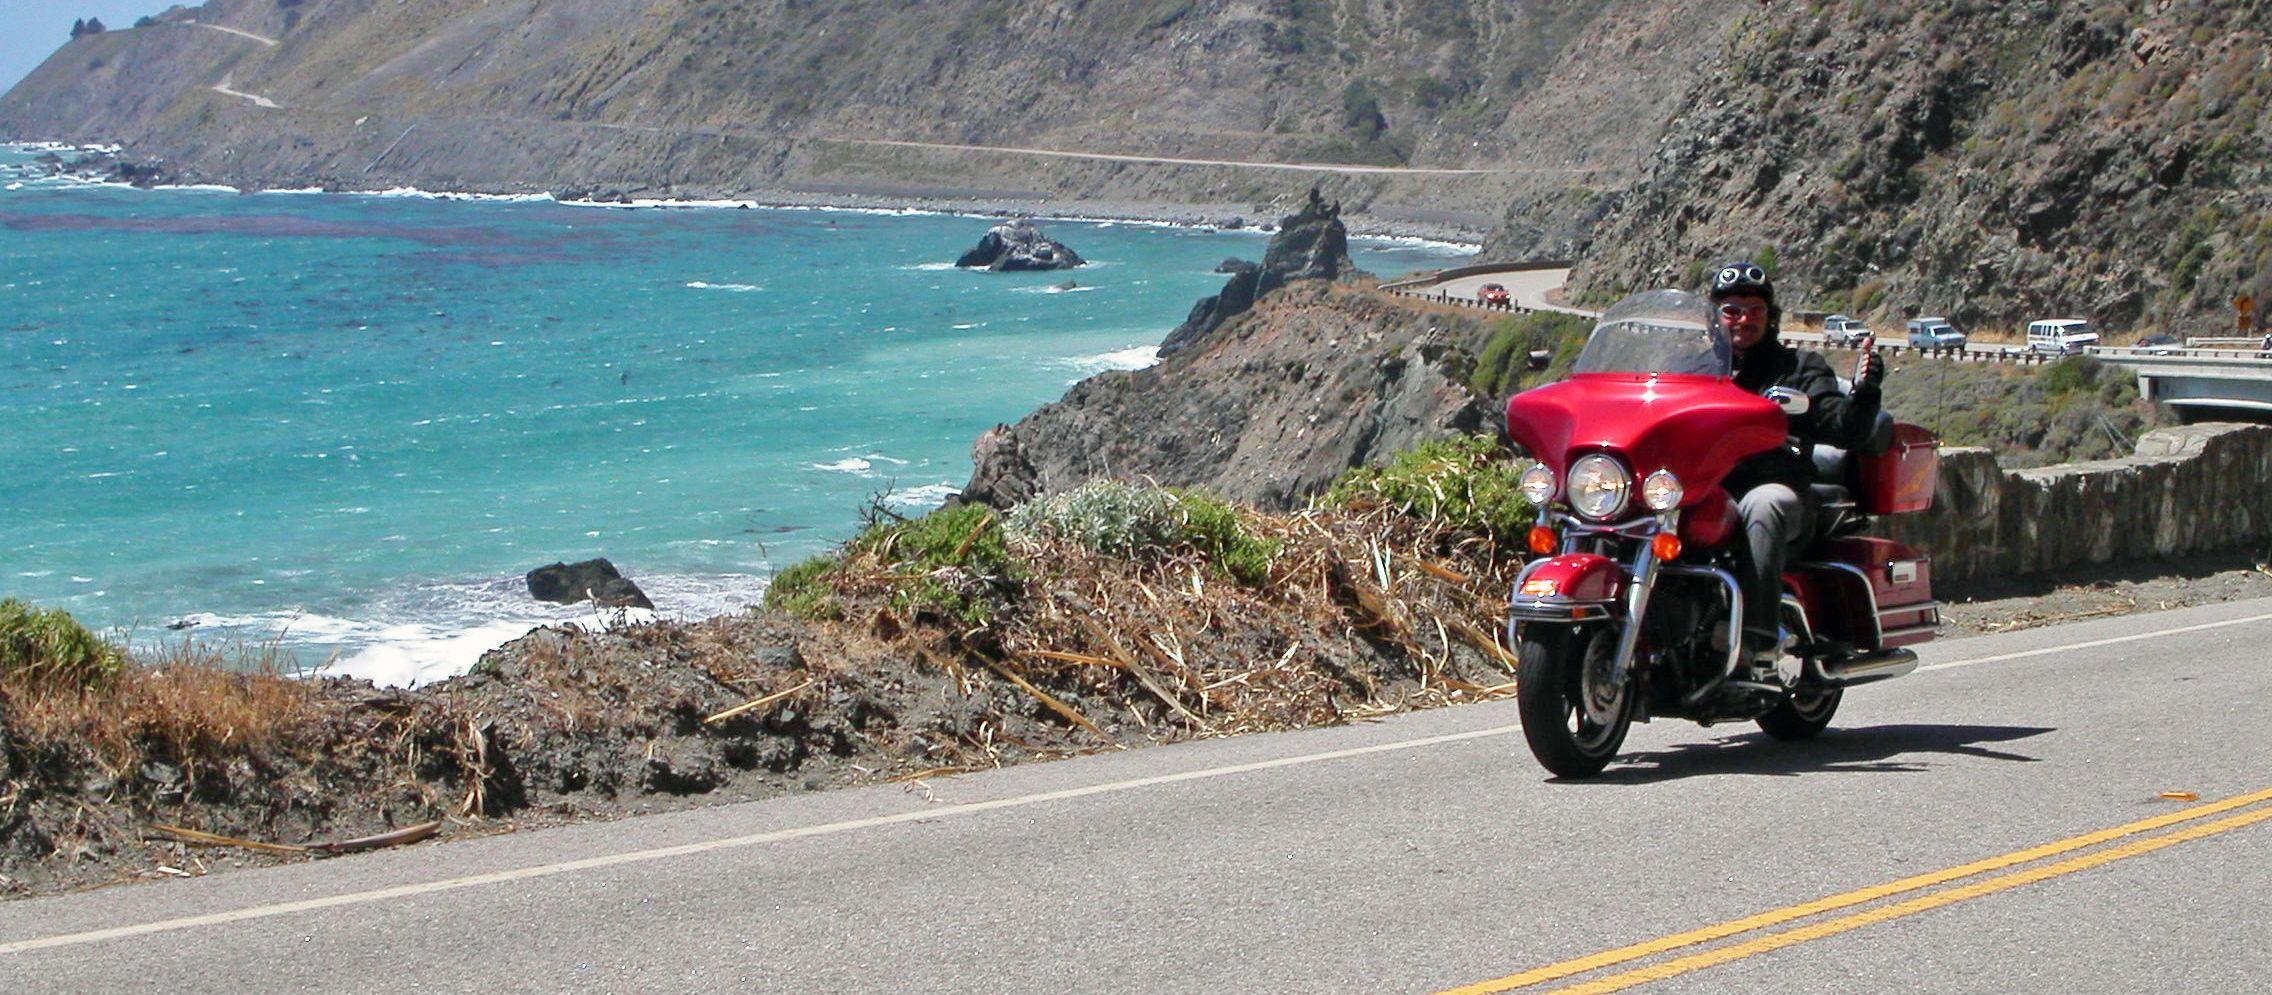 Impression Motorrad-Sonderreise mit Wolfgang Fierek in die USA